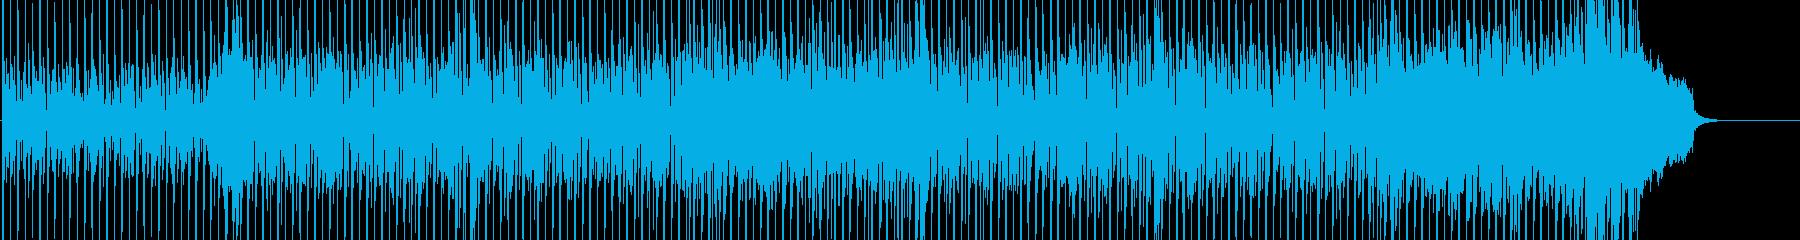 ギターカッティングの再生済みの波形